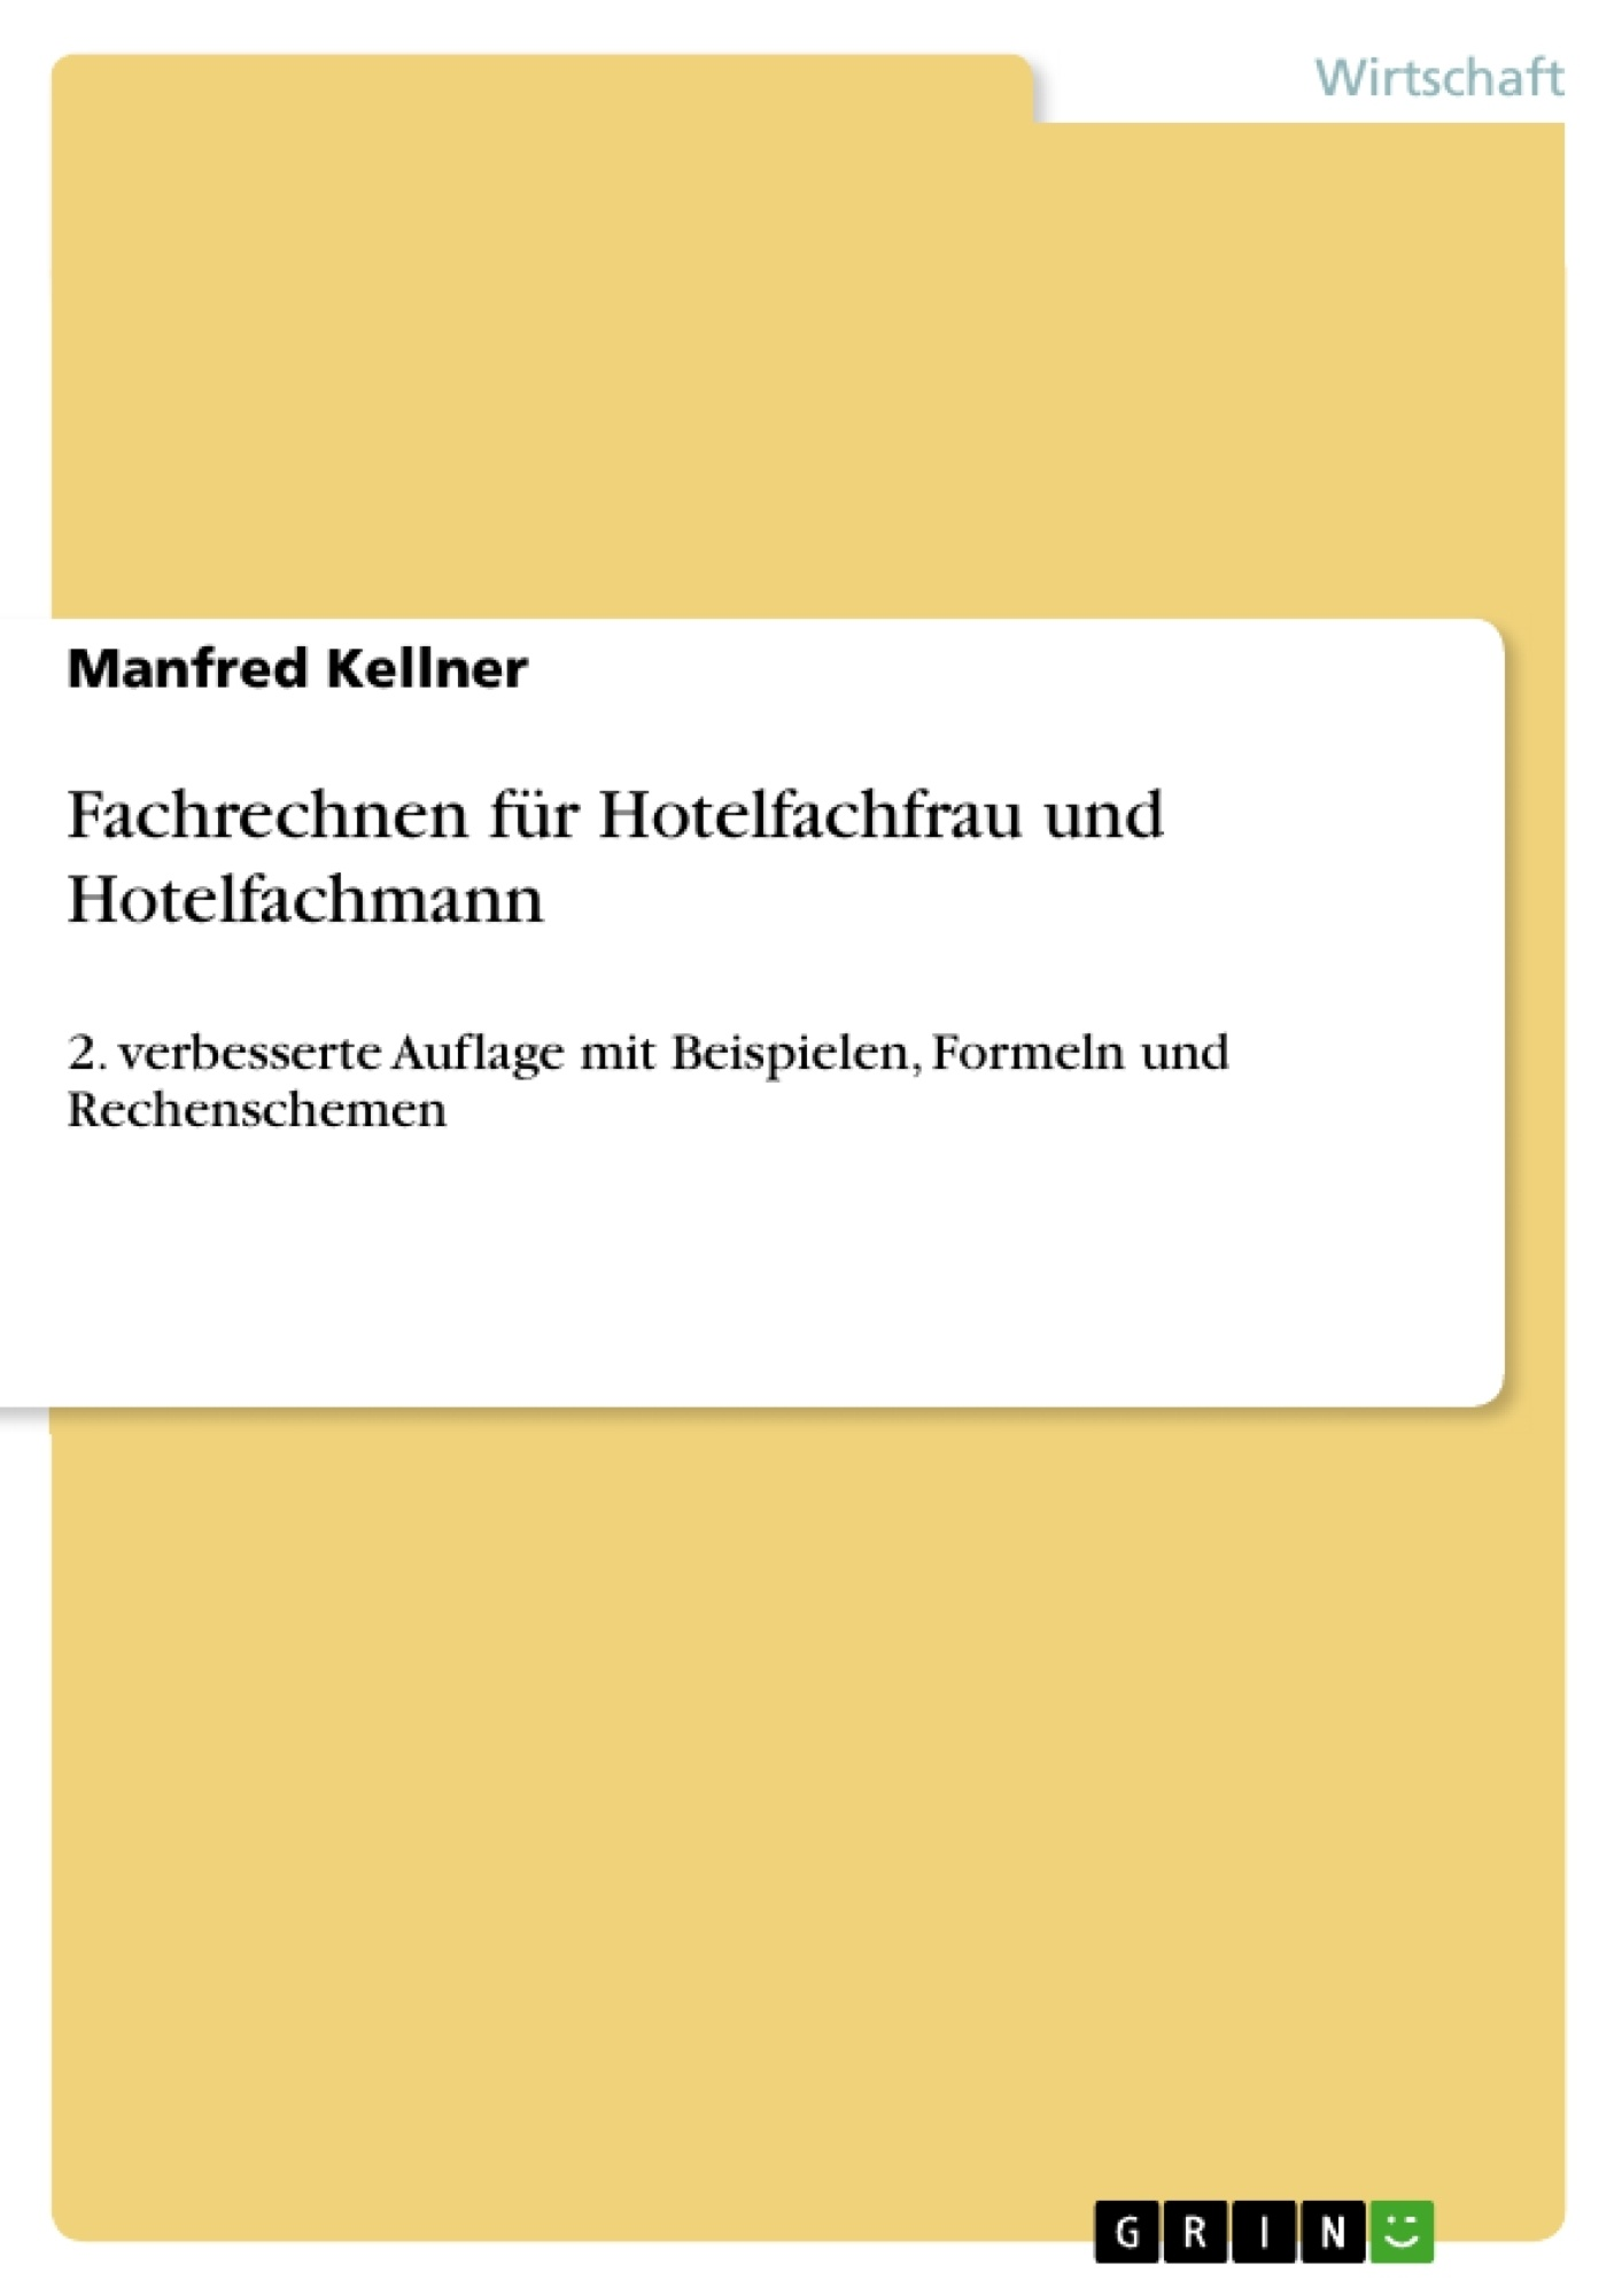 Titel: Fachrechnen für Hotelfachfrau und Hotelfachmann